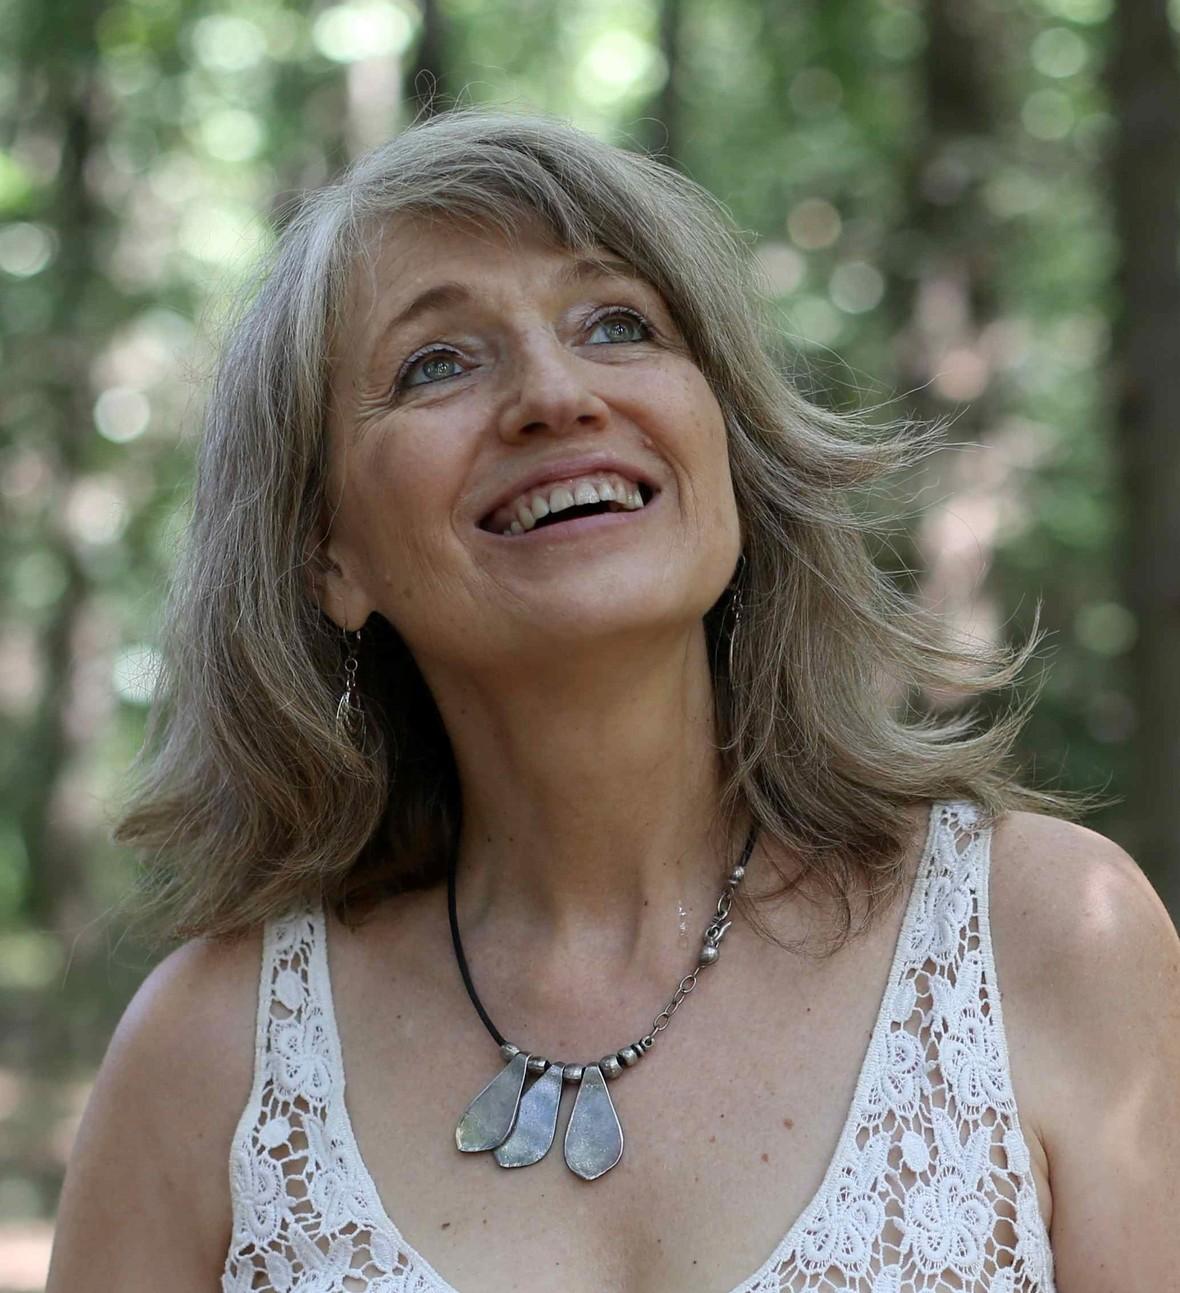 VIRGINIA GAWEL en el bosque mas recortada 2017